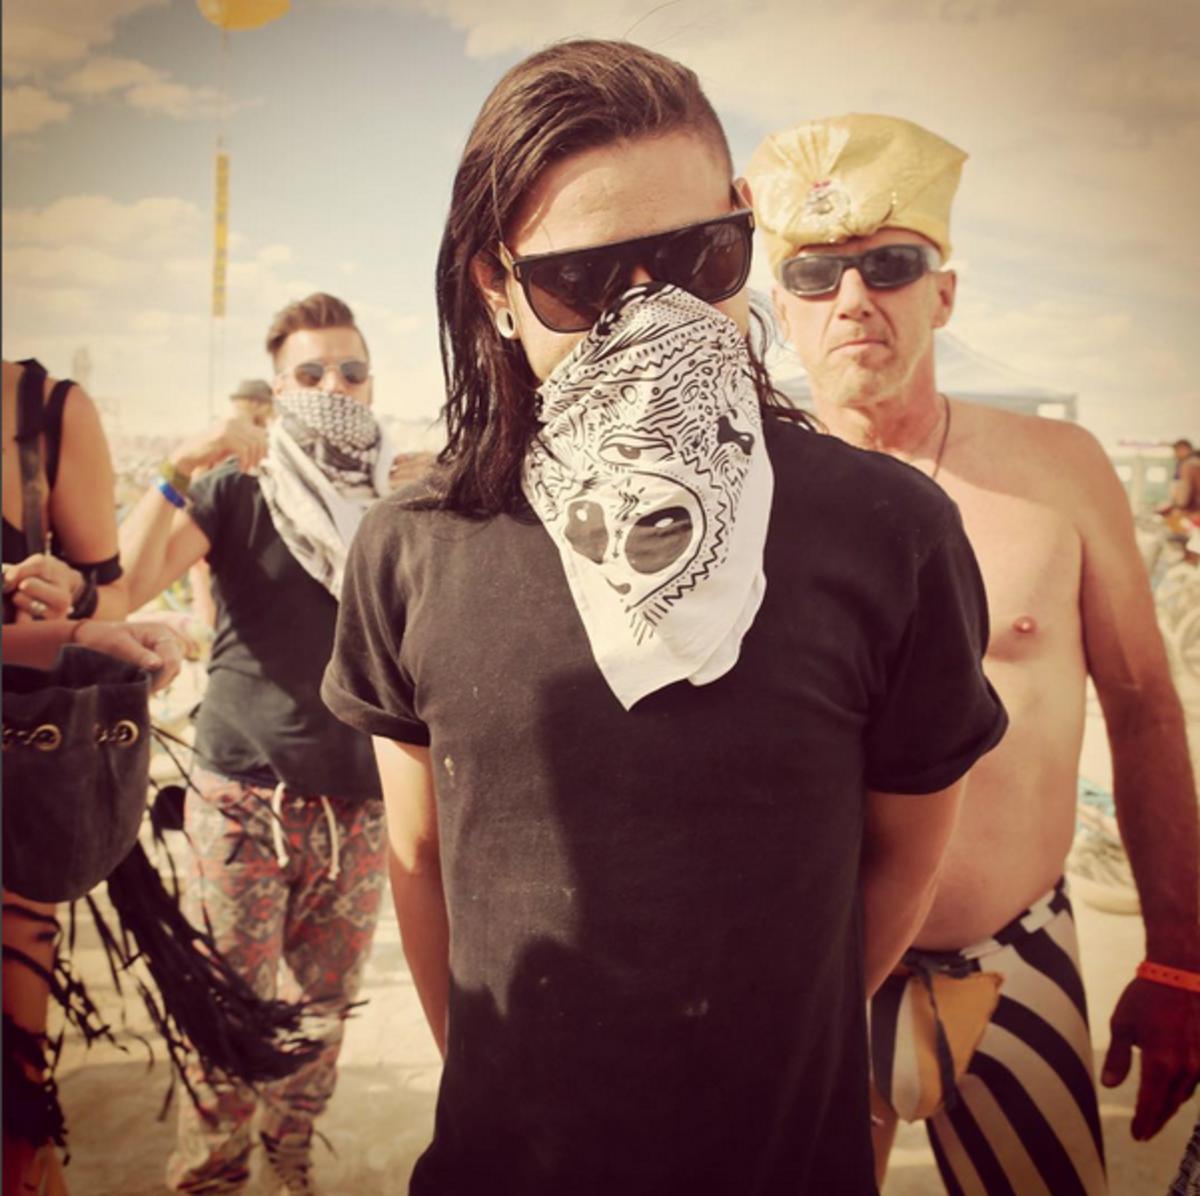 Skrillex at Burning Man